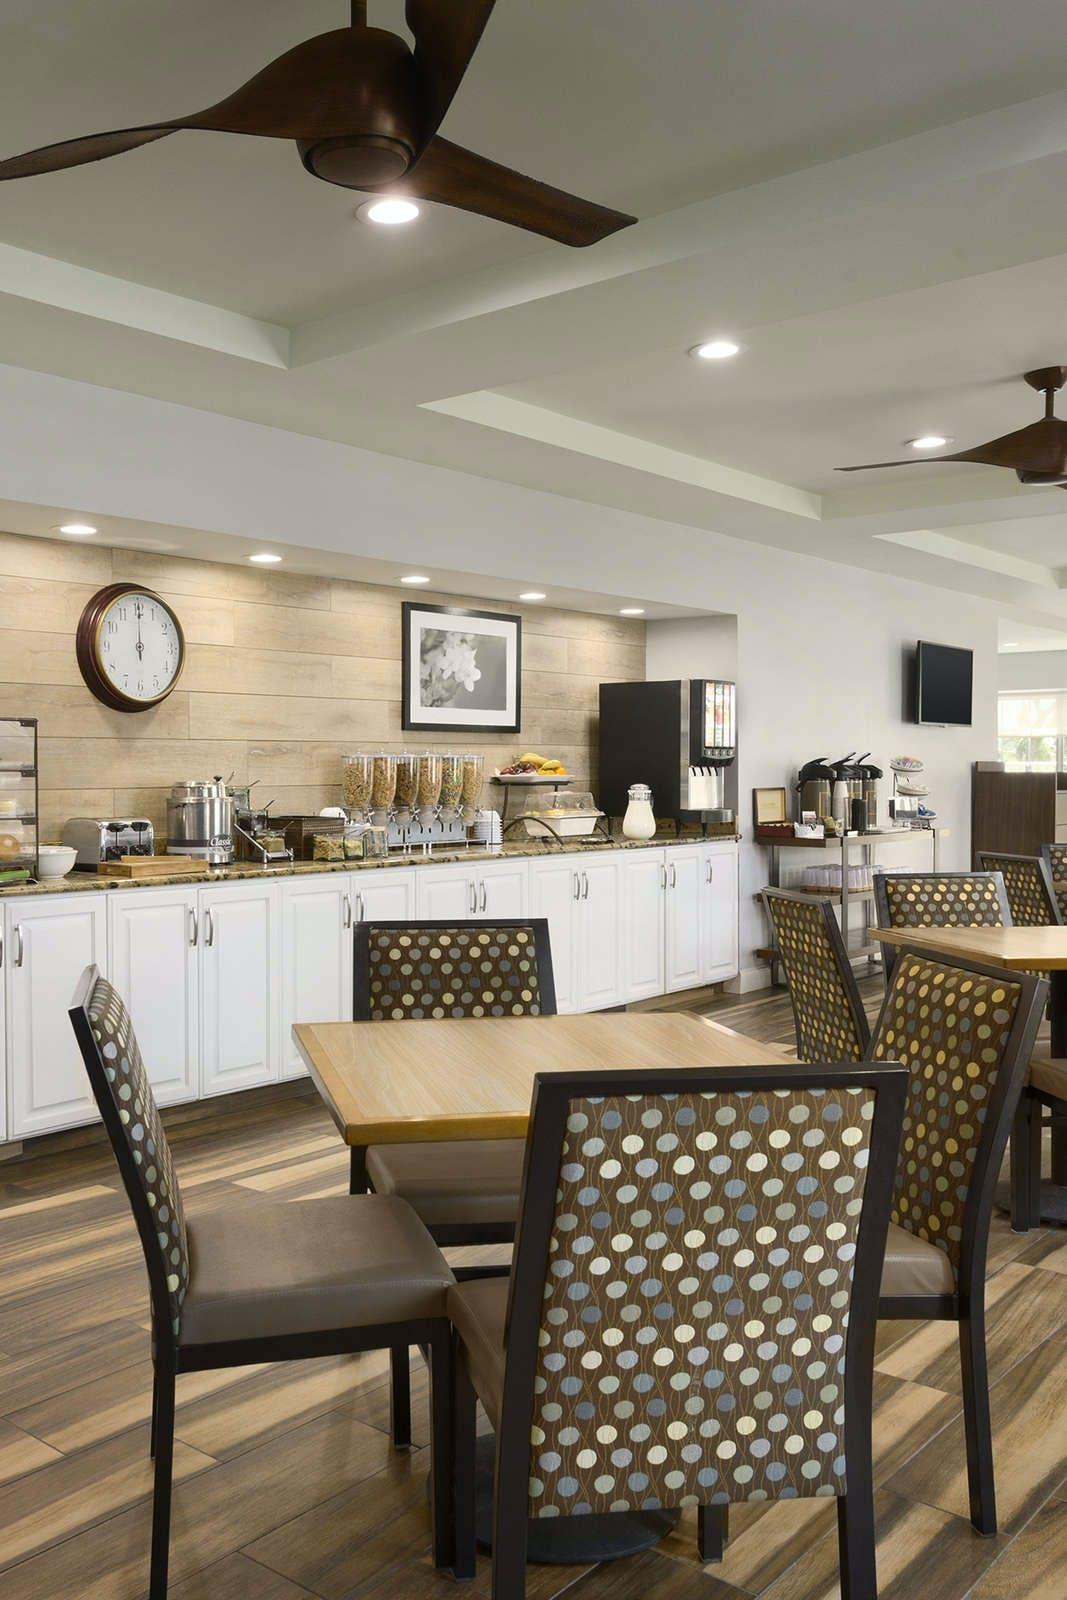 Country Inn & Suites by Radisson, Vero Beach-I-95, FL